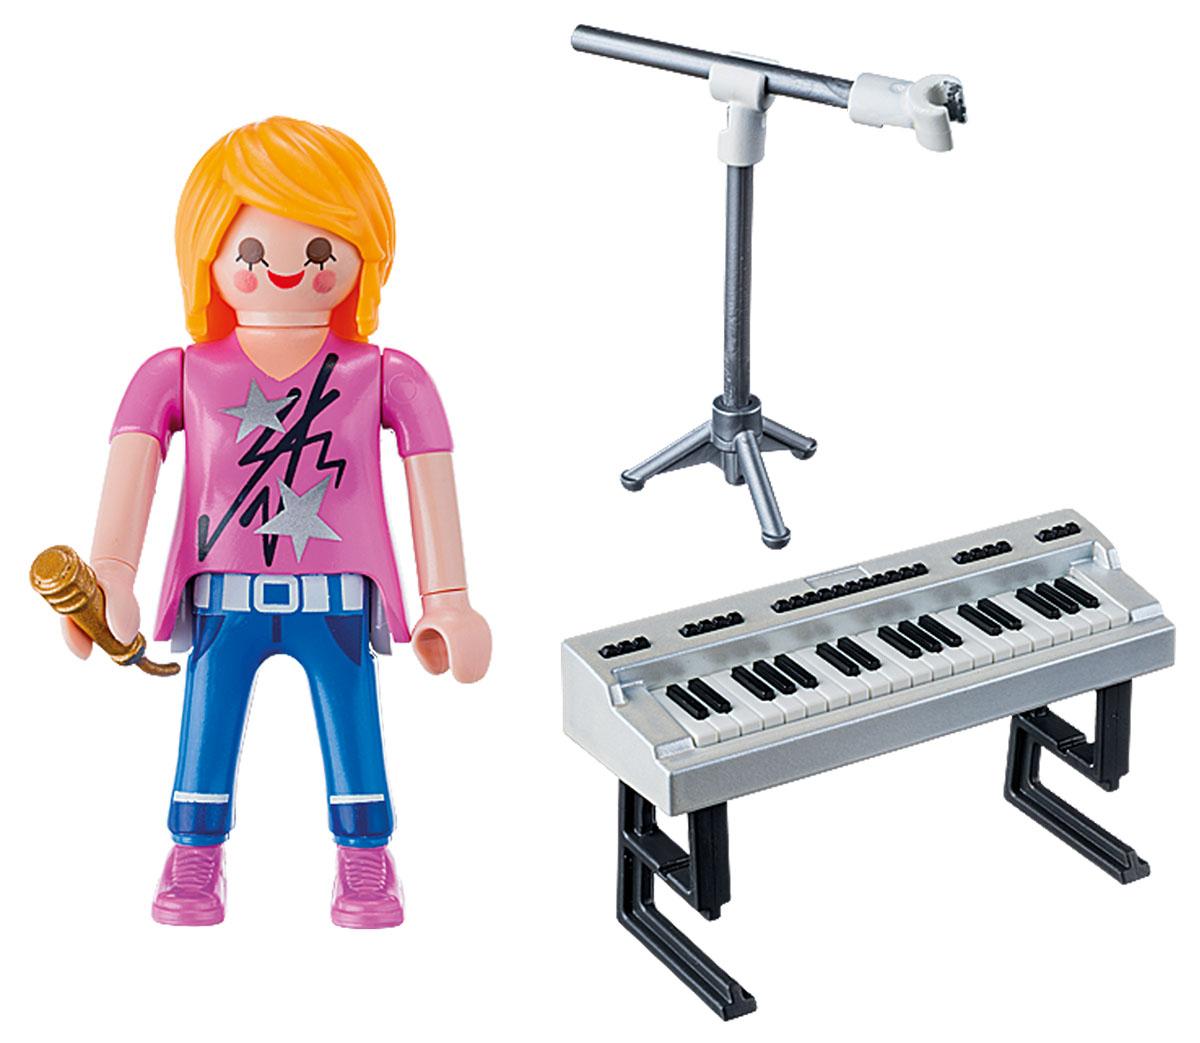 Playmobil Игровой набор Экстра-набор Певица с синтезатором playmobil игровой набор в поисках приключений лодка с браконьерами